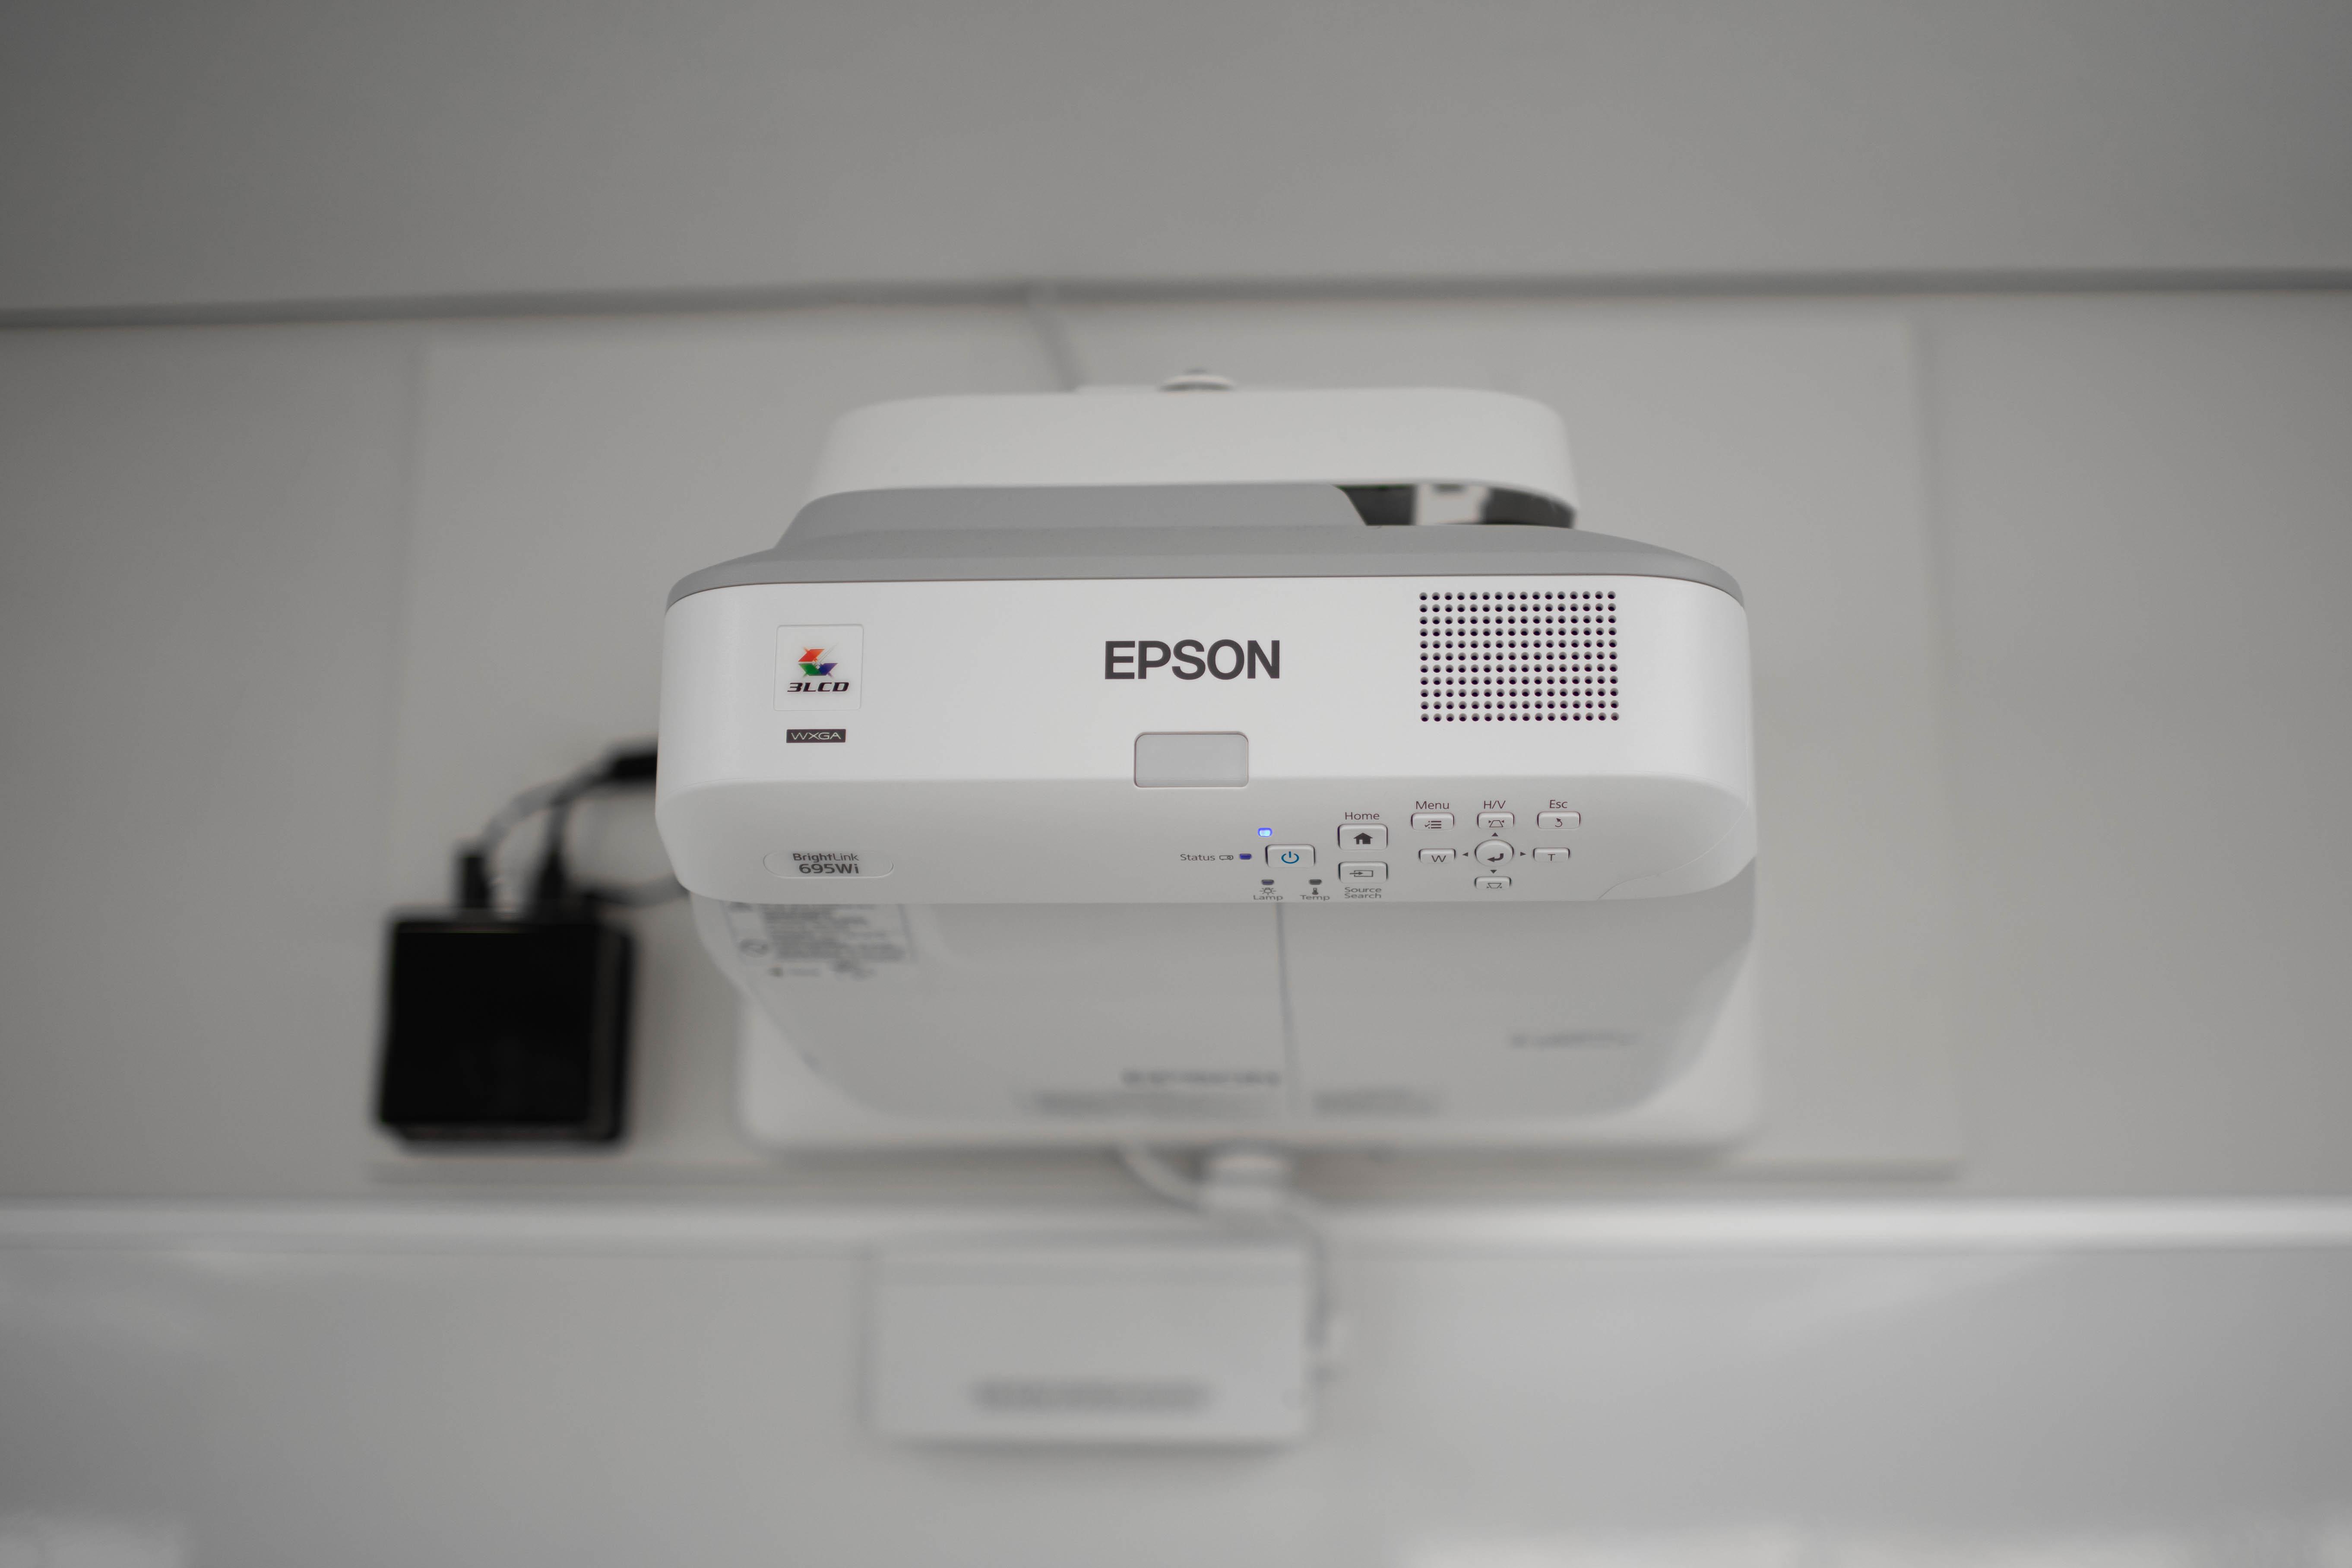 Projecteur interactif Epson 695wi et un petit ordinateur fixés au mur de la CLAAC